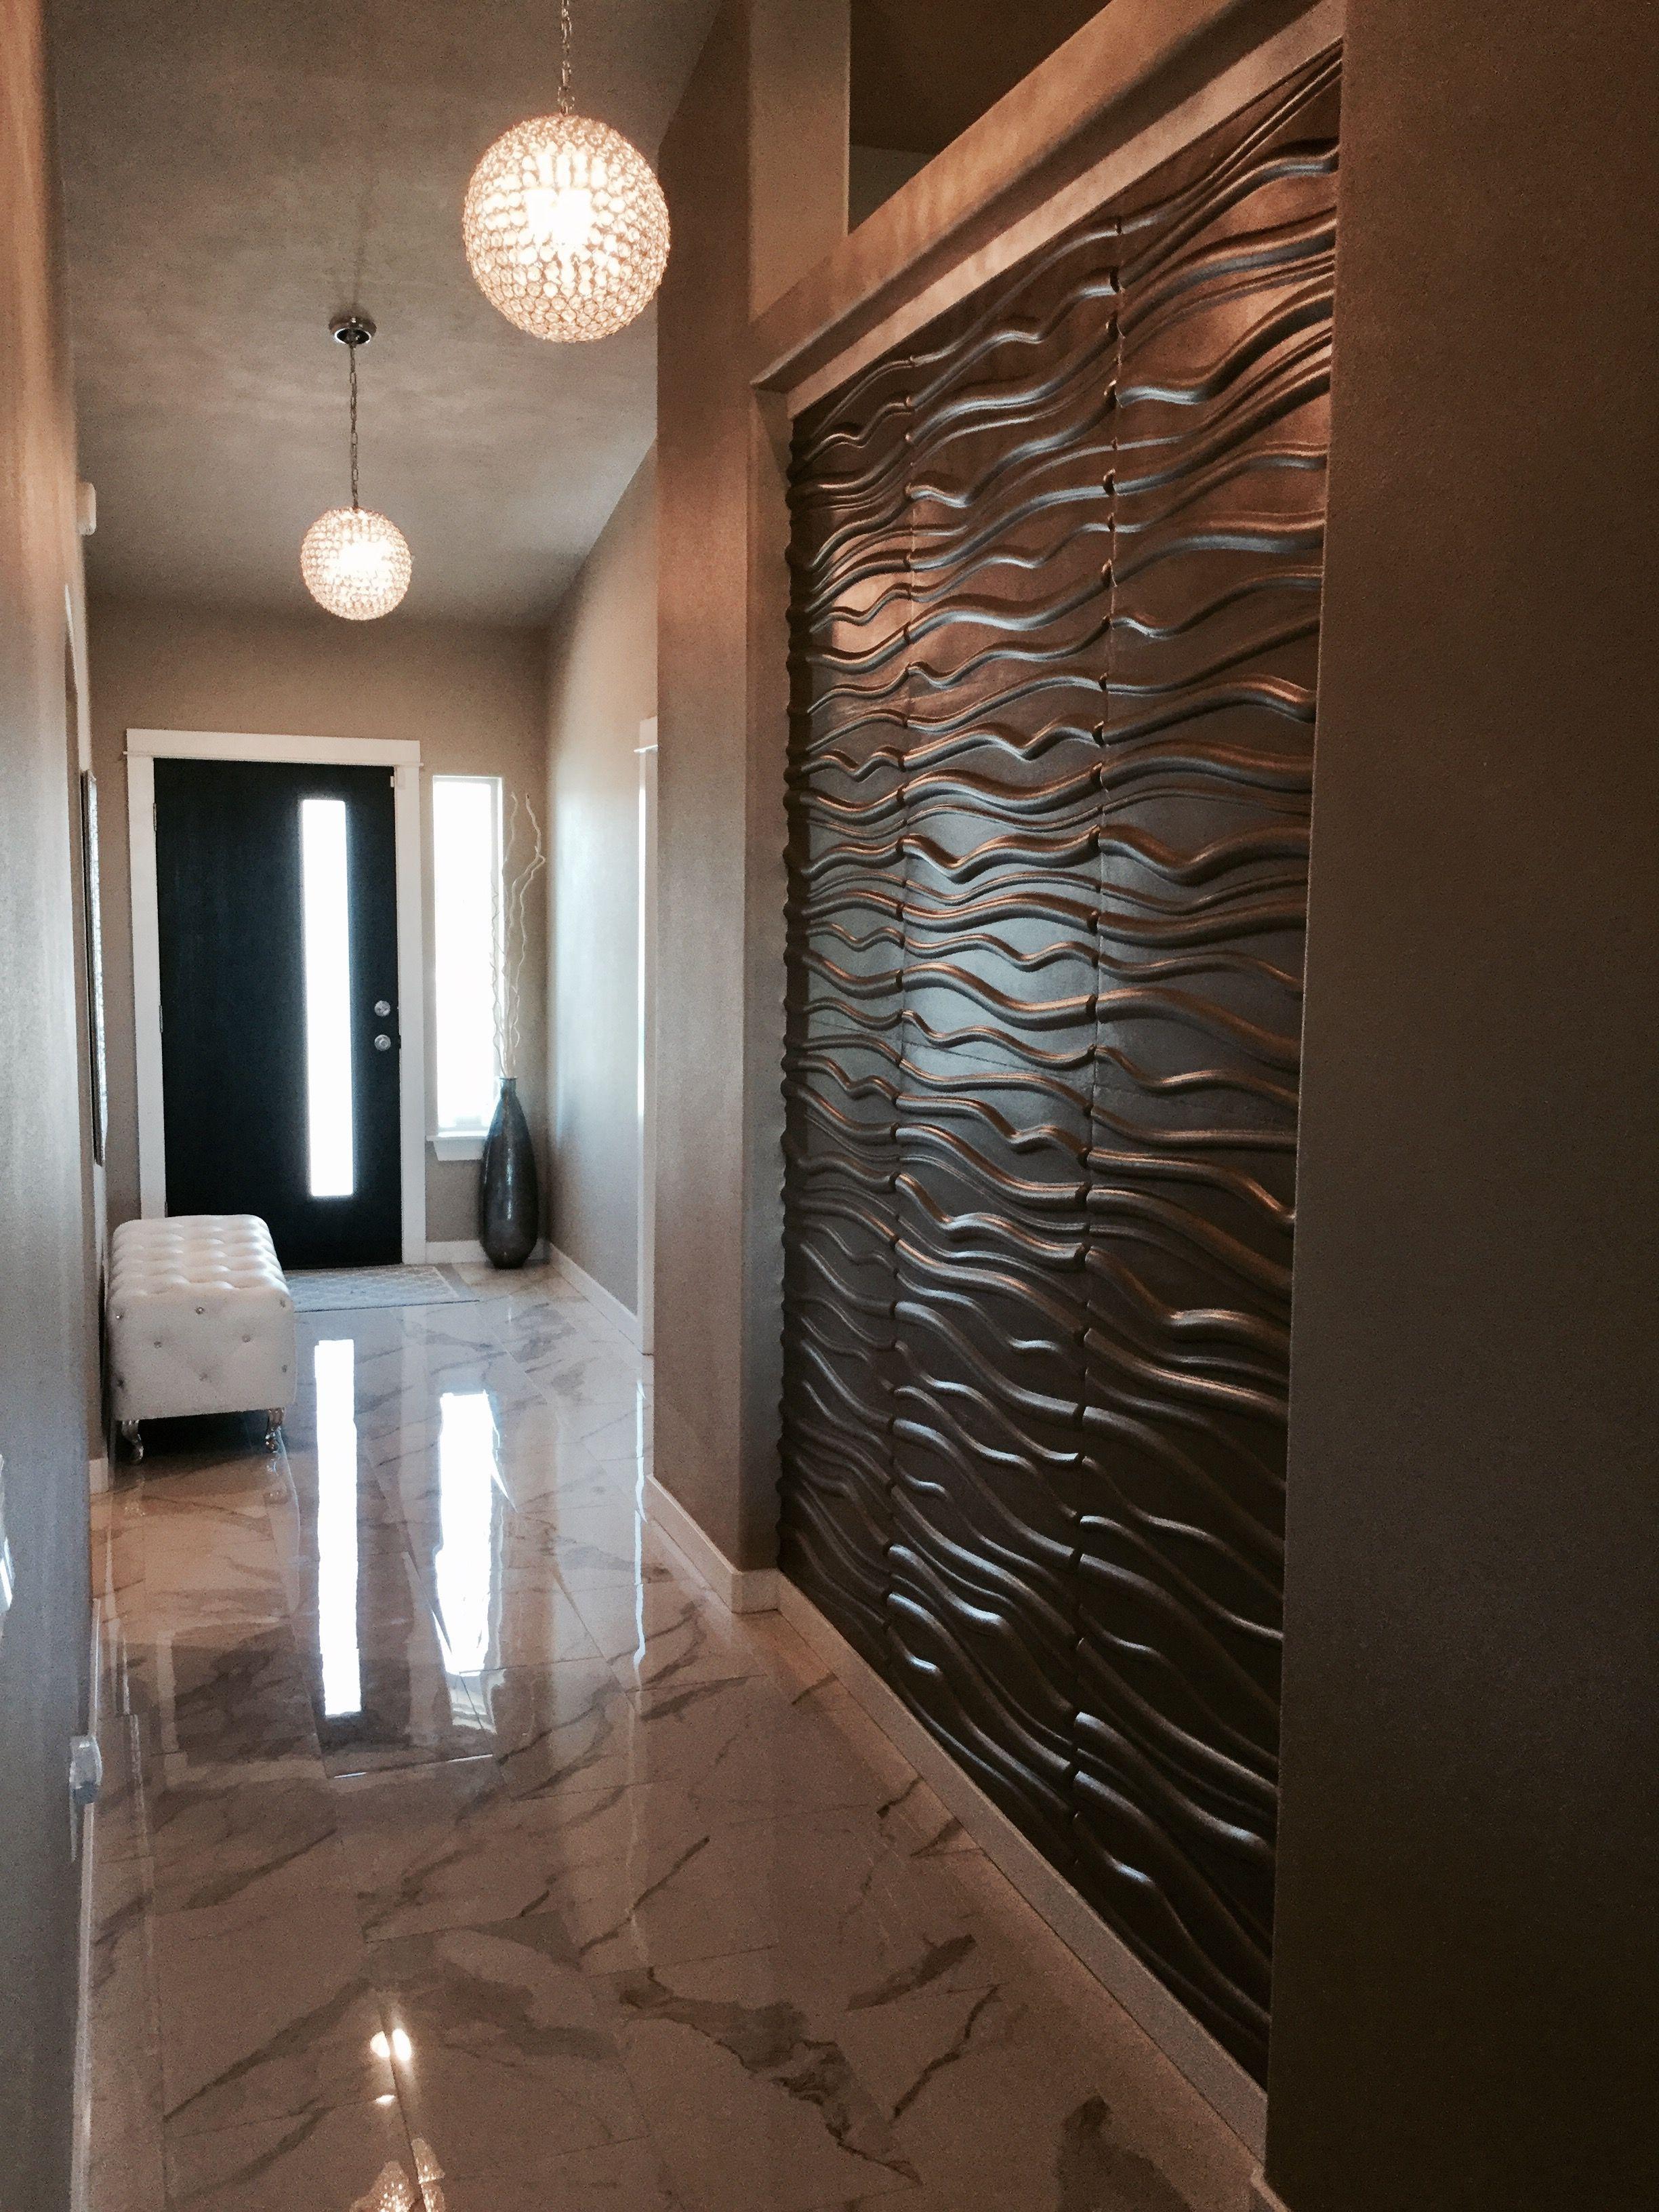 3D wall panels in hallway using Metallic Memories paint